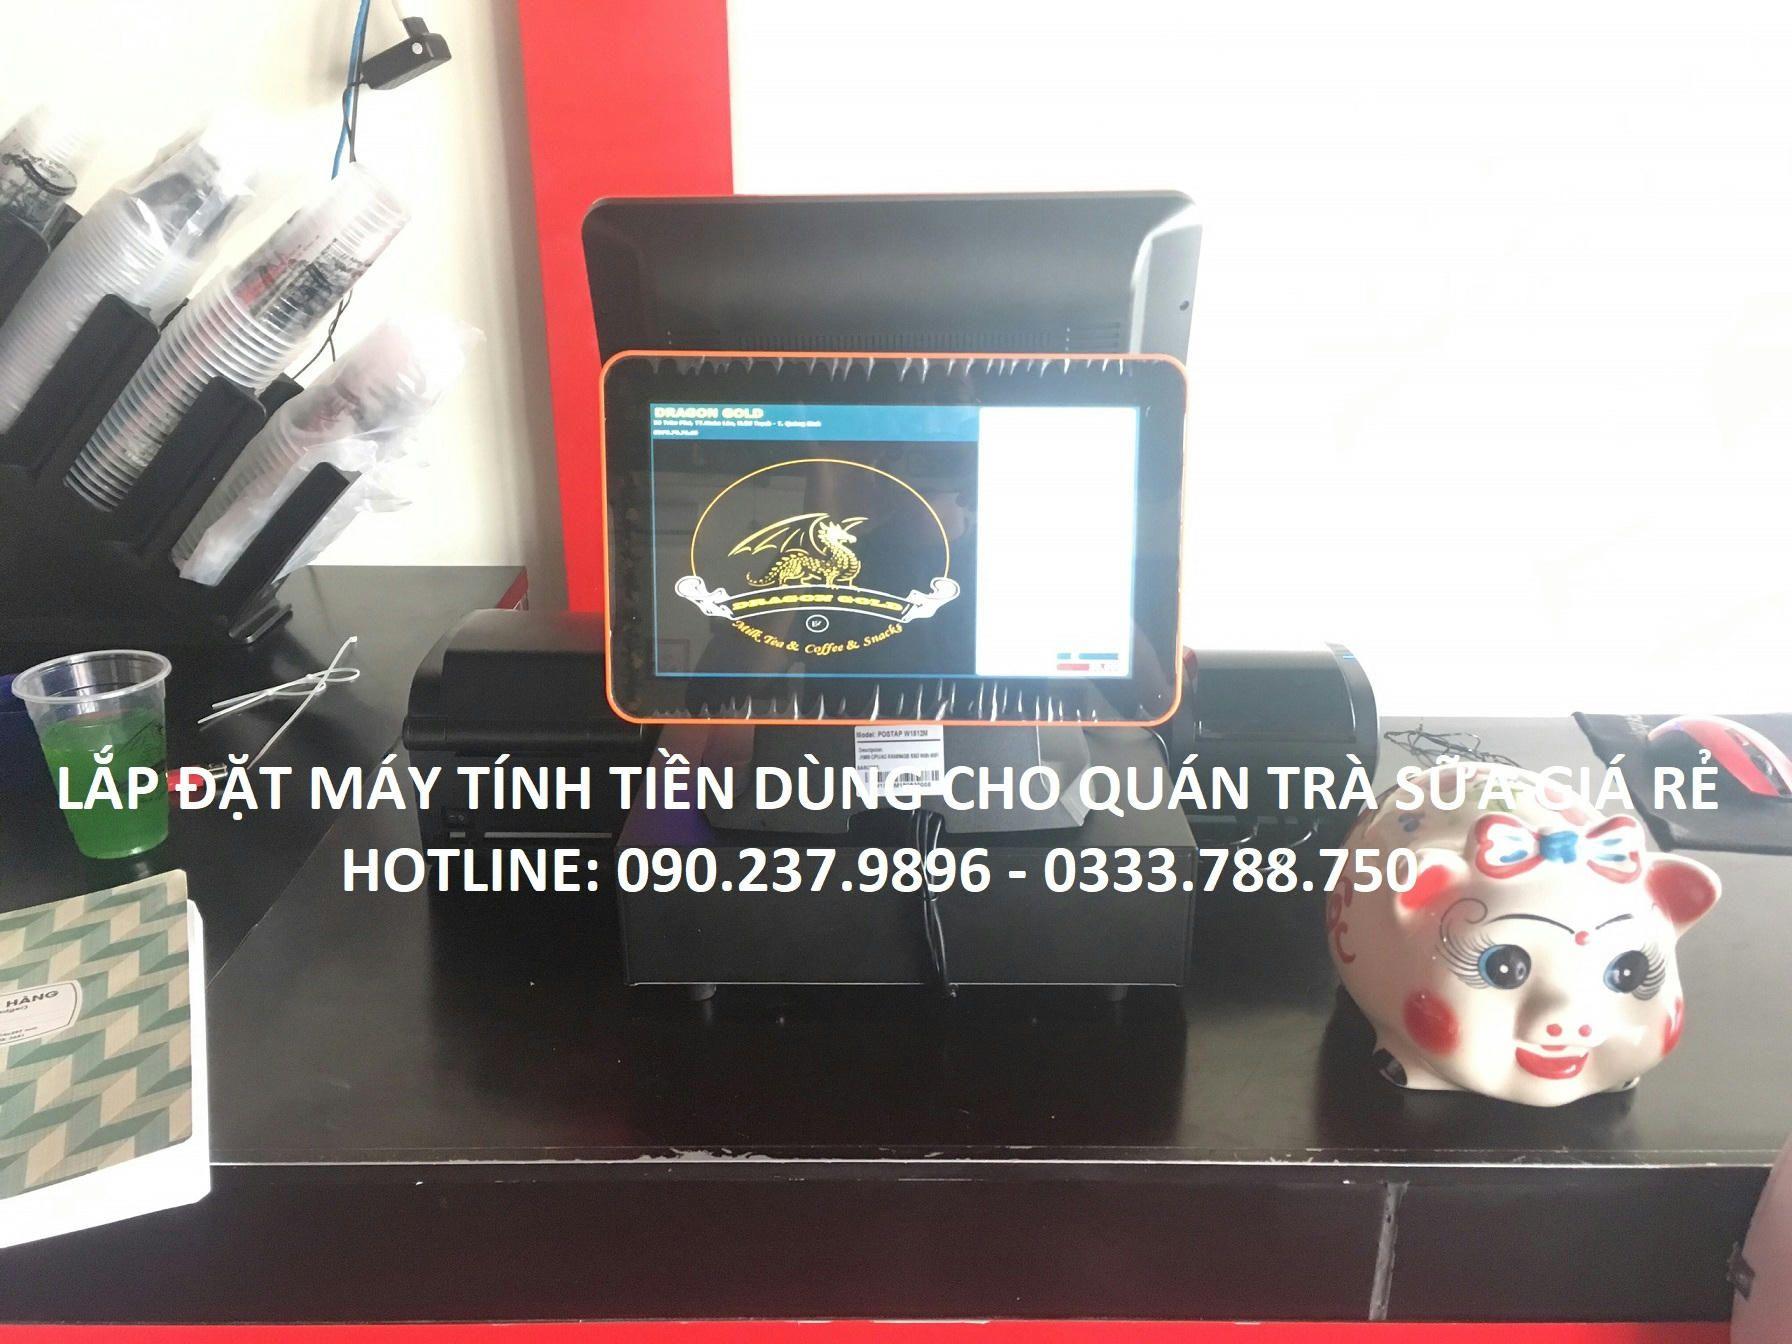 qp8xzdjb2bnd2dpzg Máy bán hàng tính tiền dùngcho nhà hàng cafe tại Long An